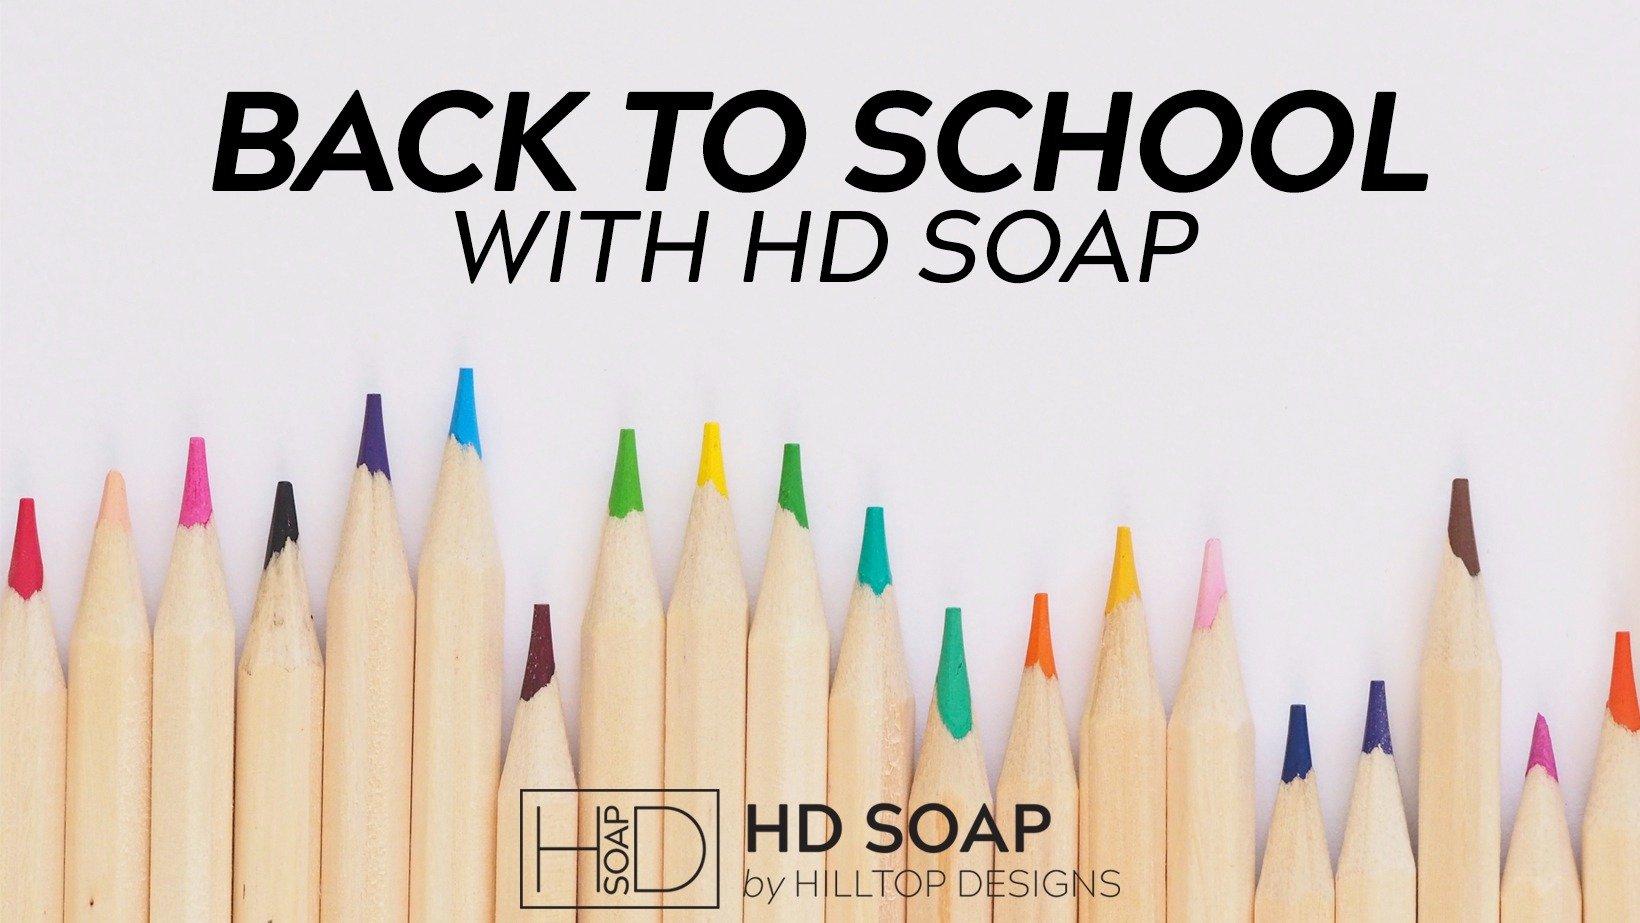 HD Soap | Back to School